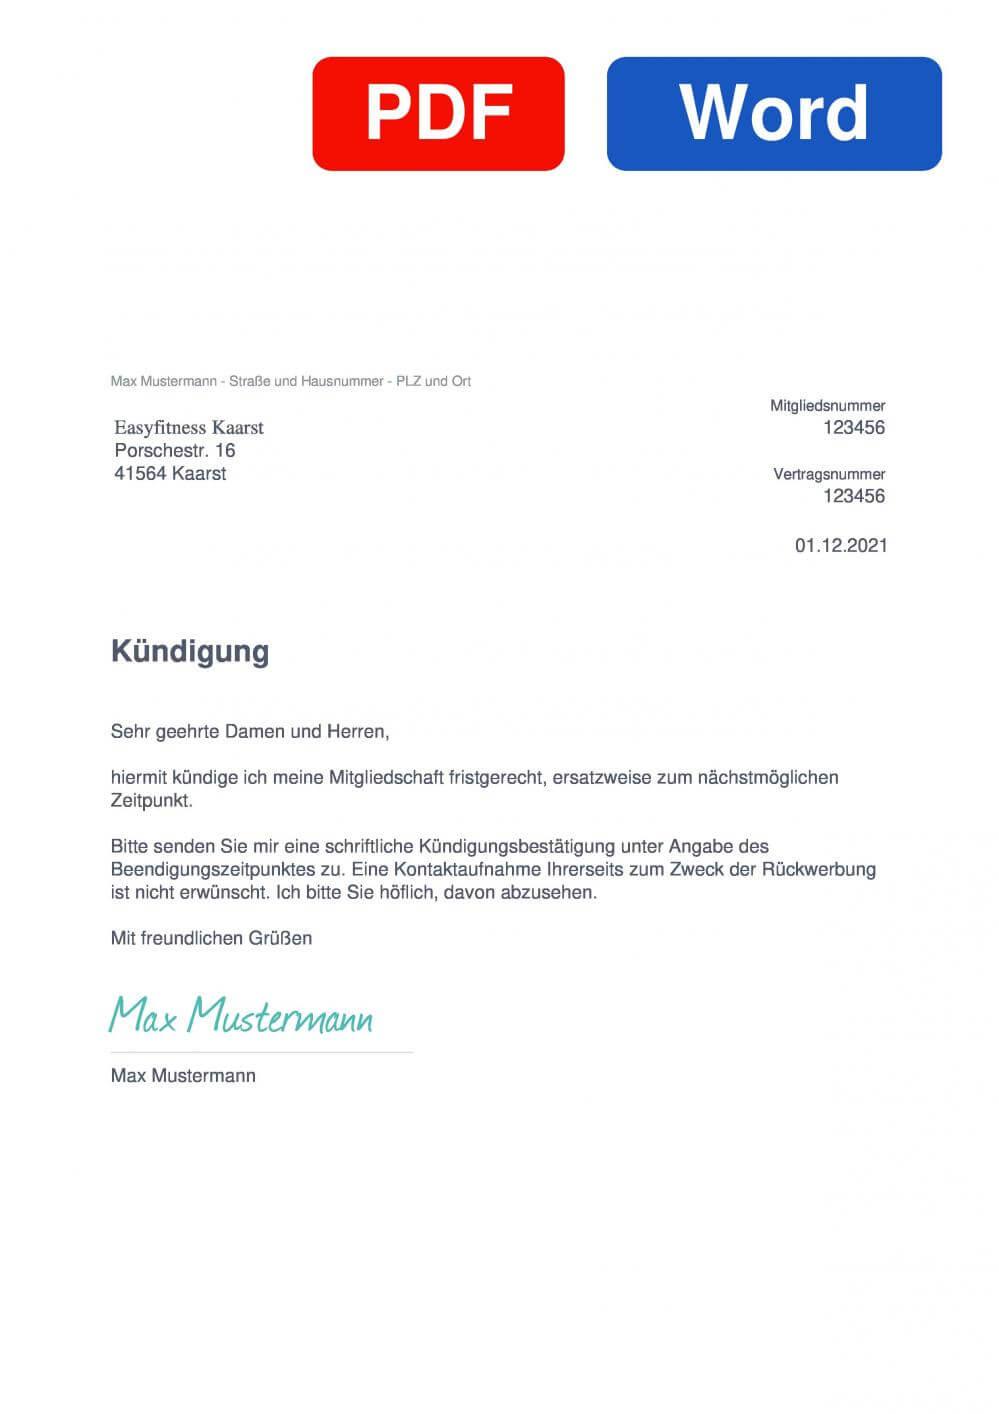 EASYFITNESS Kaarst Muster Vorlage für Kündigungsschreiben